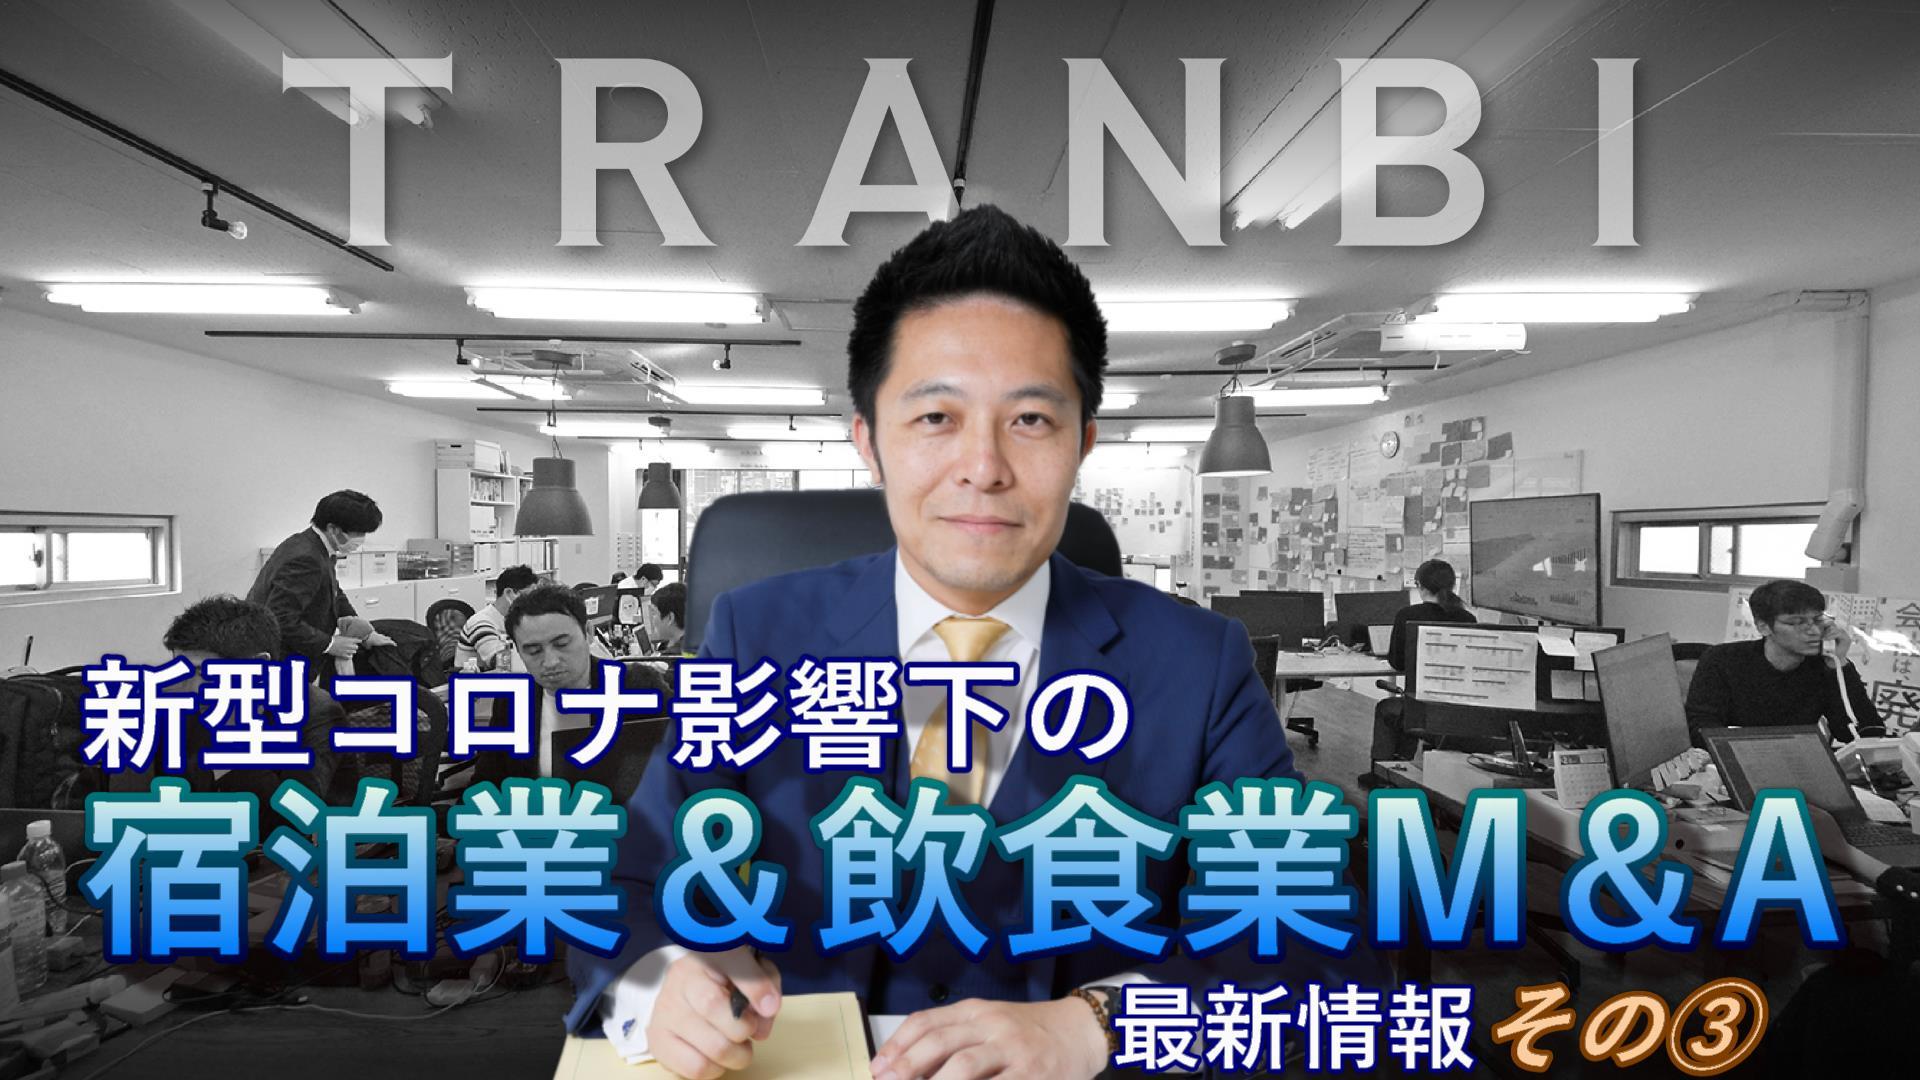 """新型コロナ影響下での """" 宿泊業&飲食業 """" M&A最新情報③"""